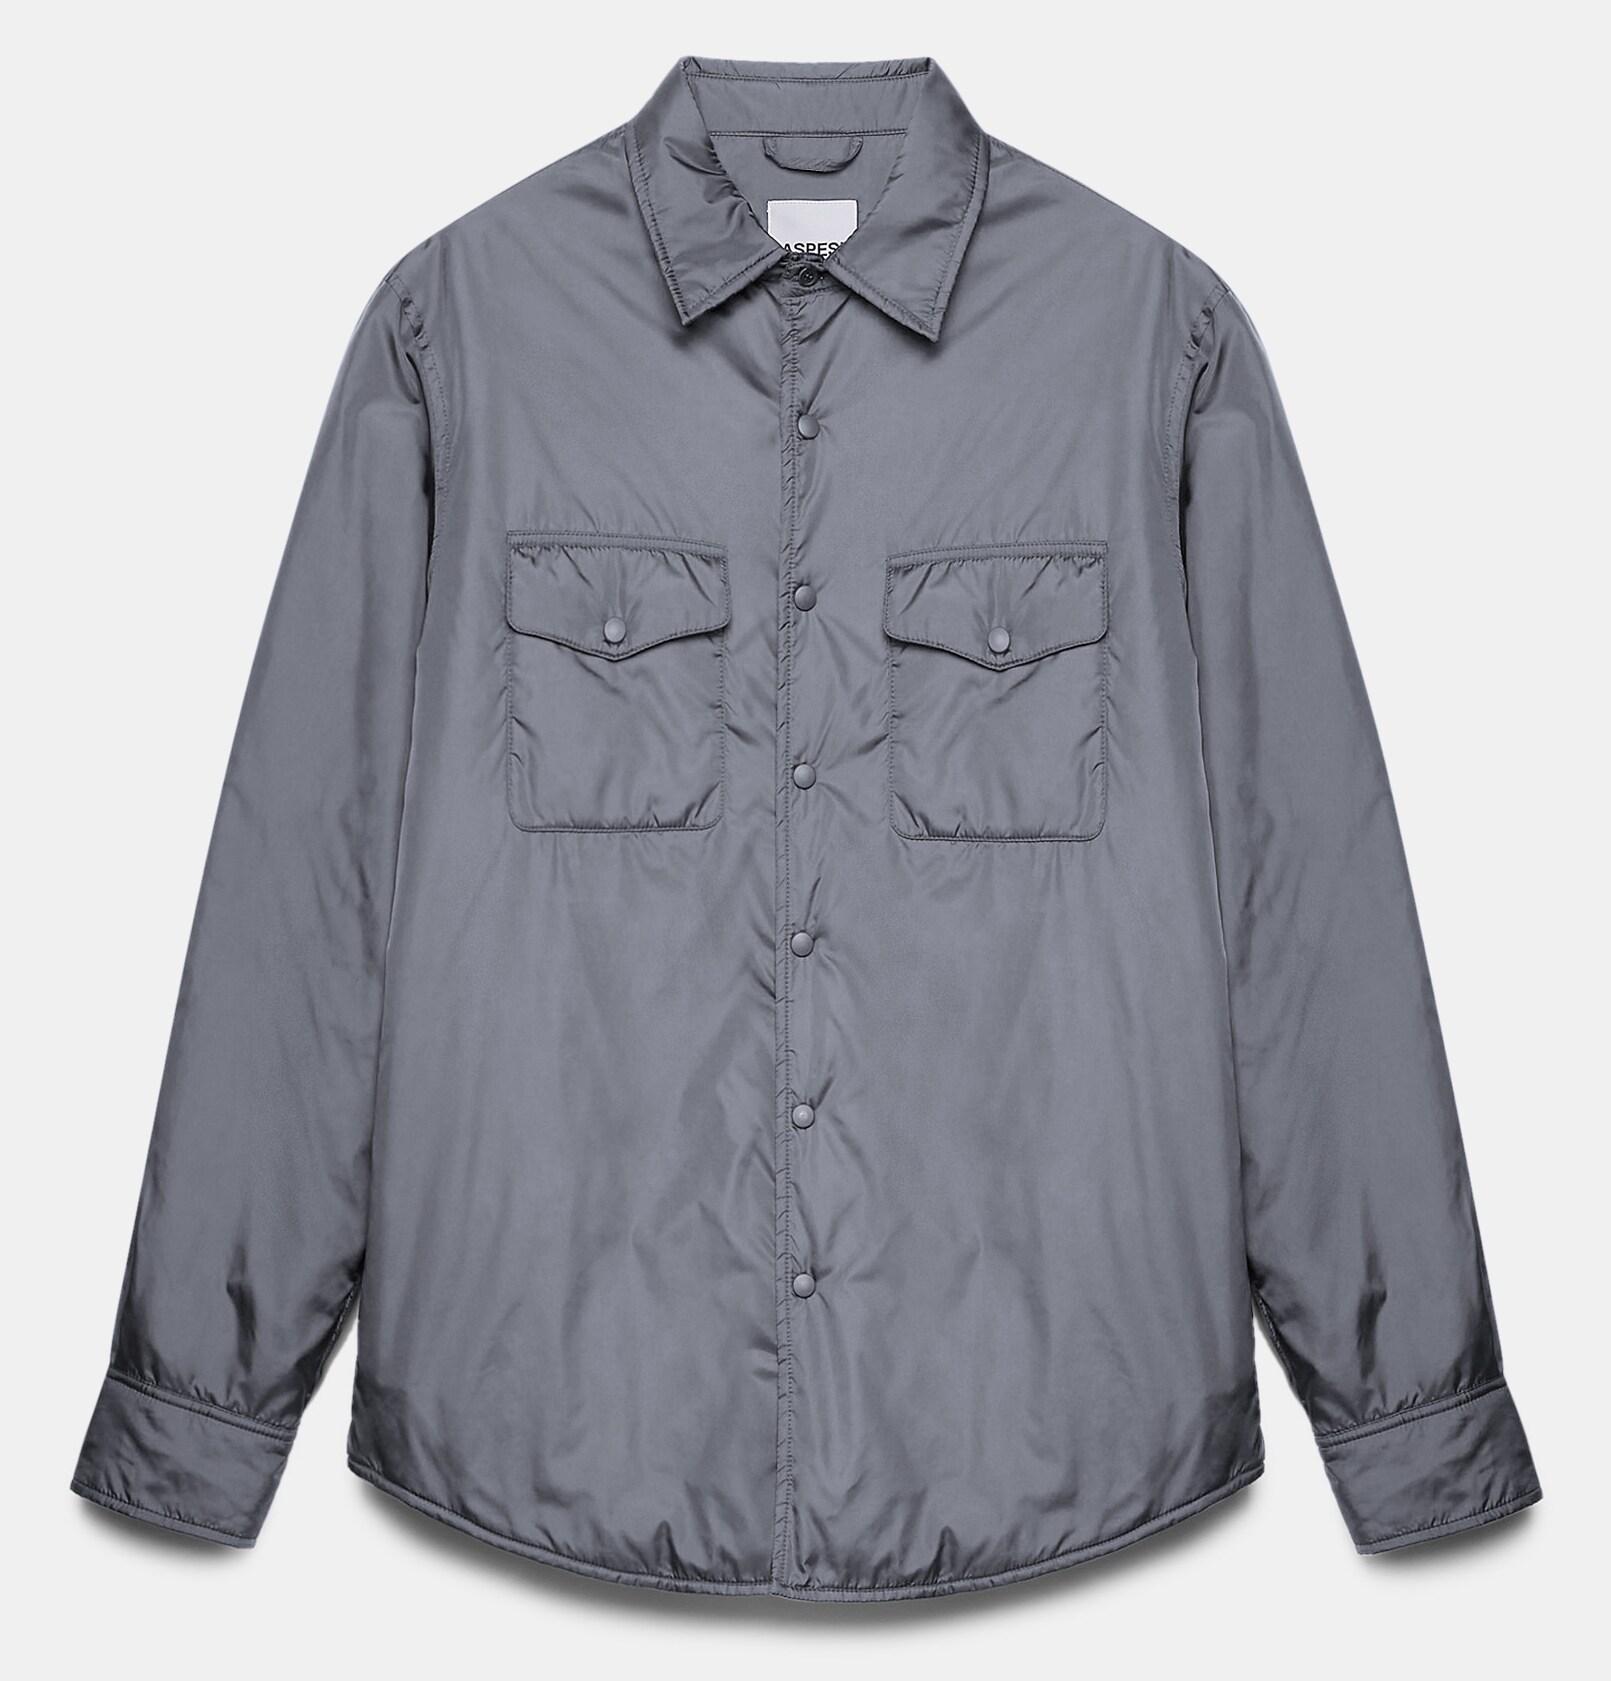 ASPESI Giacca-camicia 13, in nylon imbottito con ovatta Thermore, prodotta interamente da bottiglie riciclate.